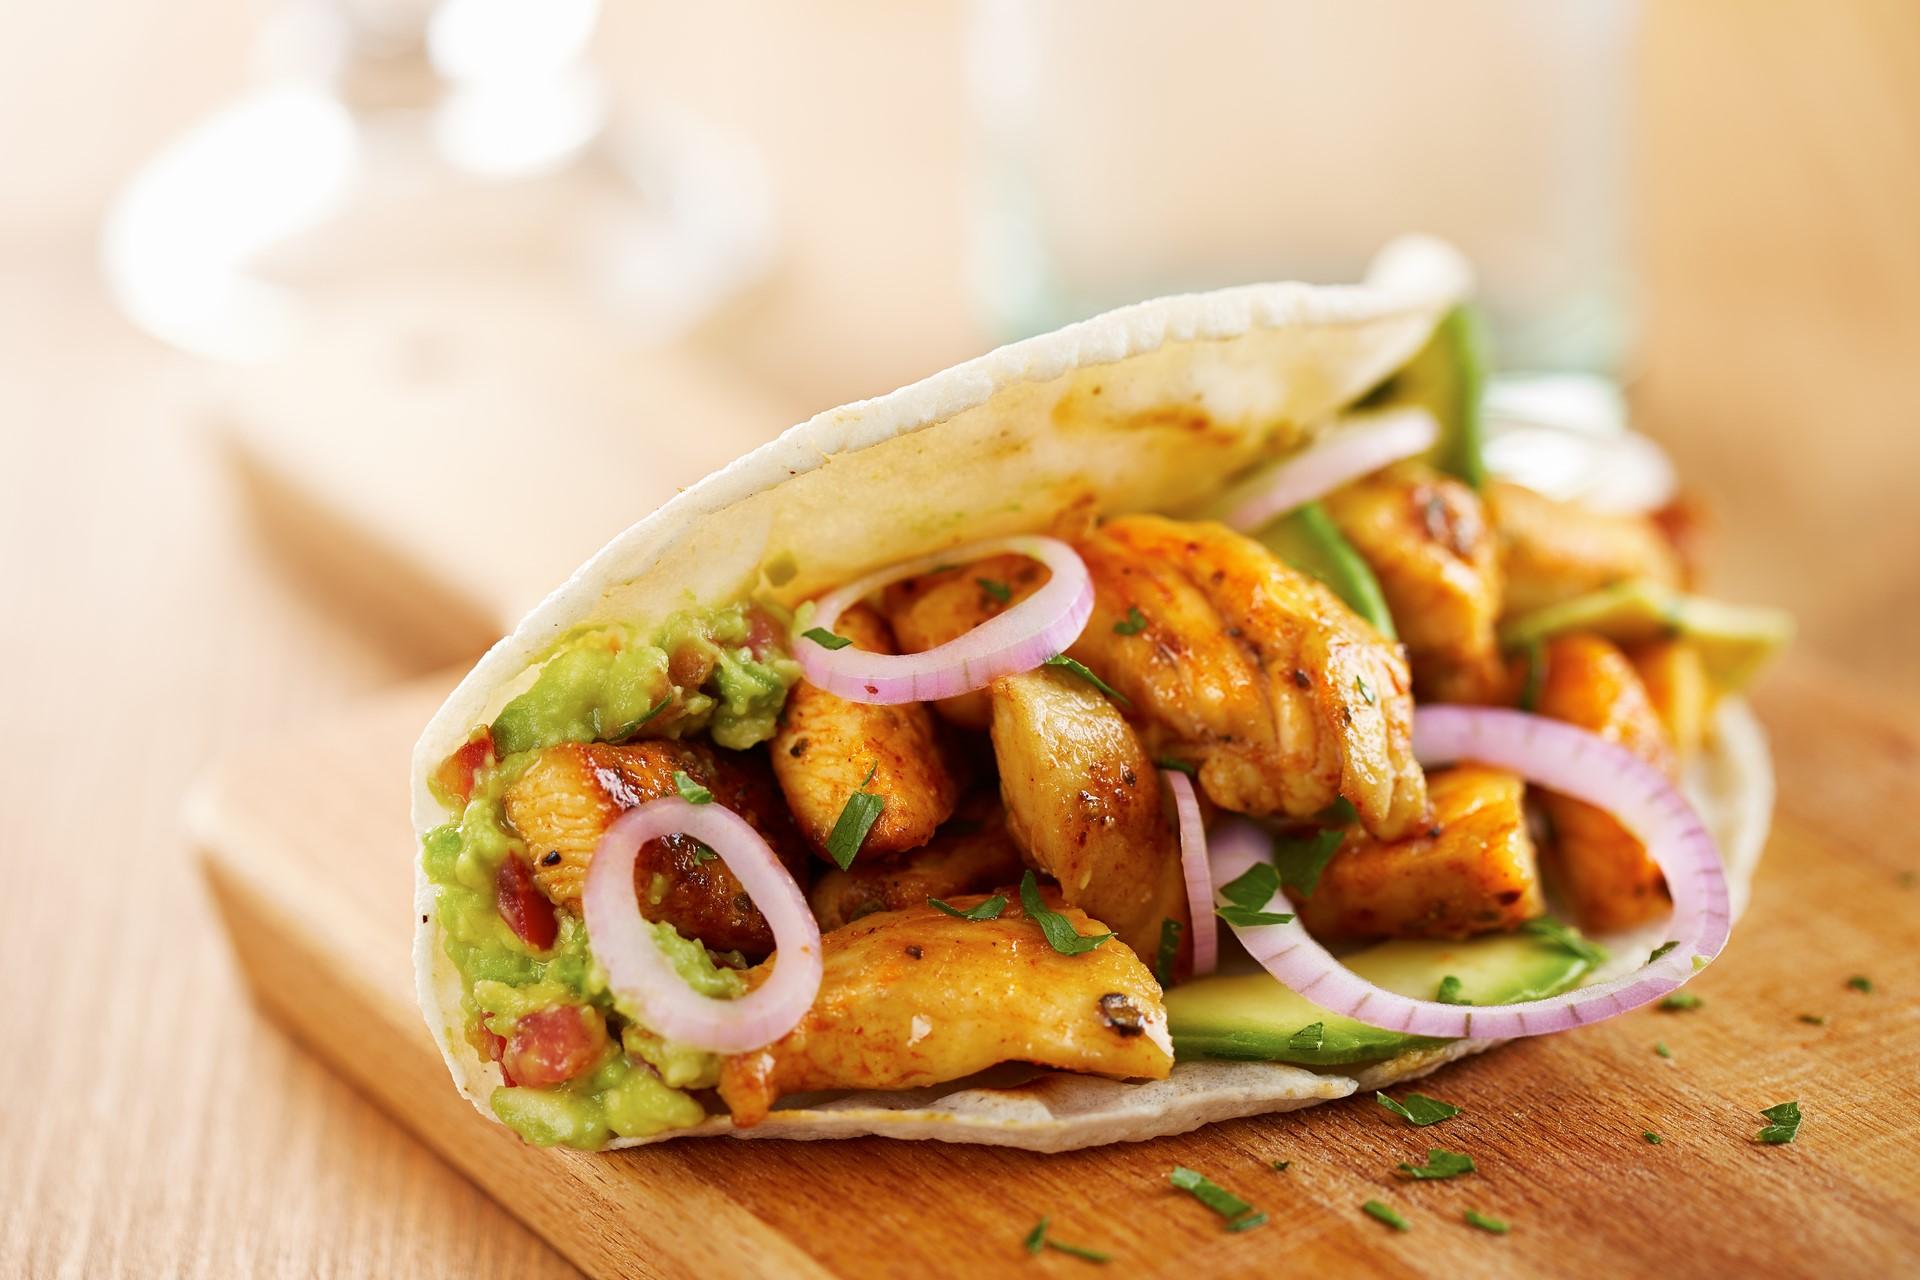 tacos z kurczakiem - QAFP mięso najlepszej jakości